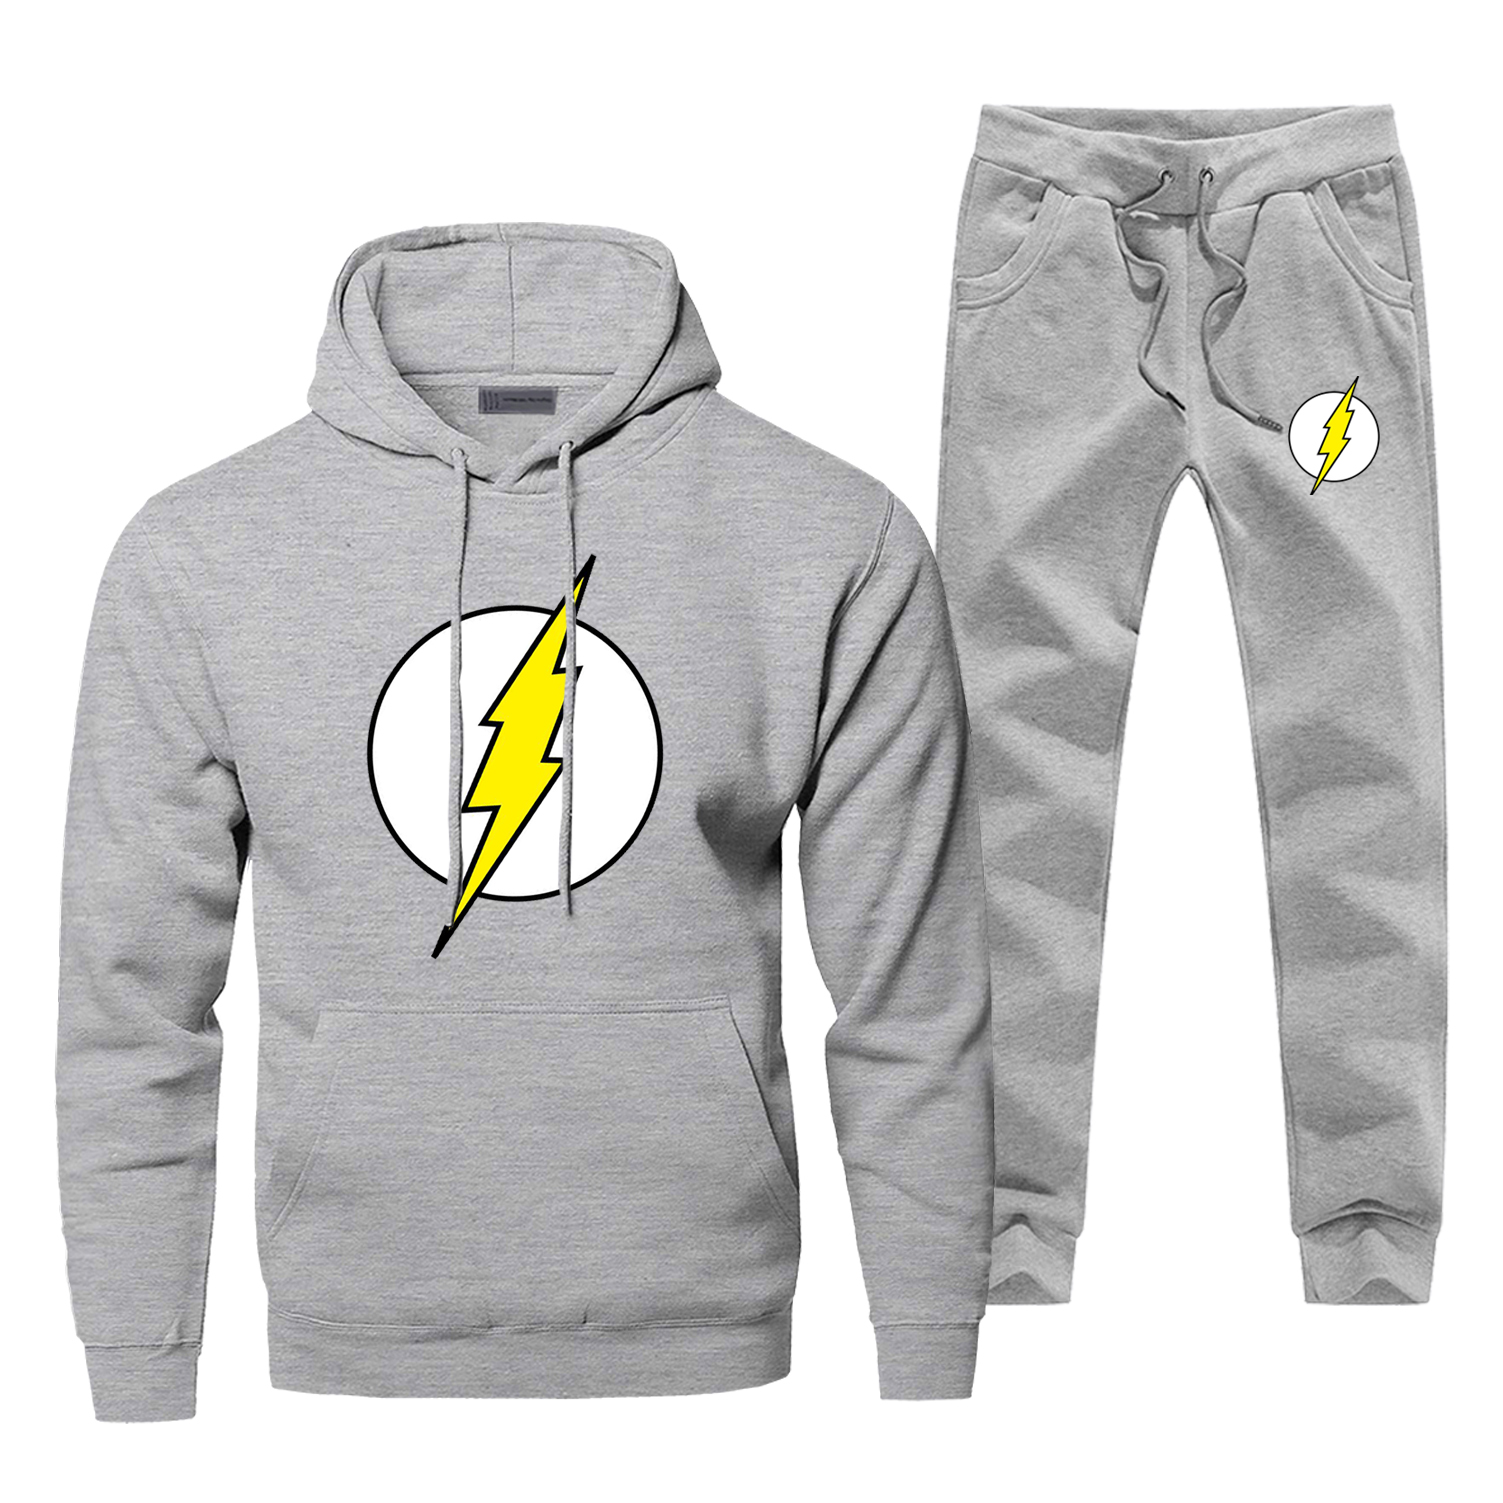 Hoodie Pants Set Men Flash Man Sweatshirt Male Superhero Hoodies Sweatshirts Mens Sets Two Piece Pant Pullover Super Hero Coat